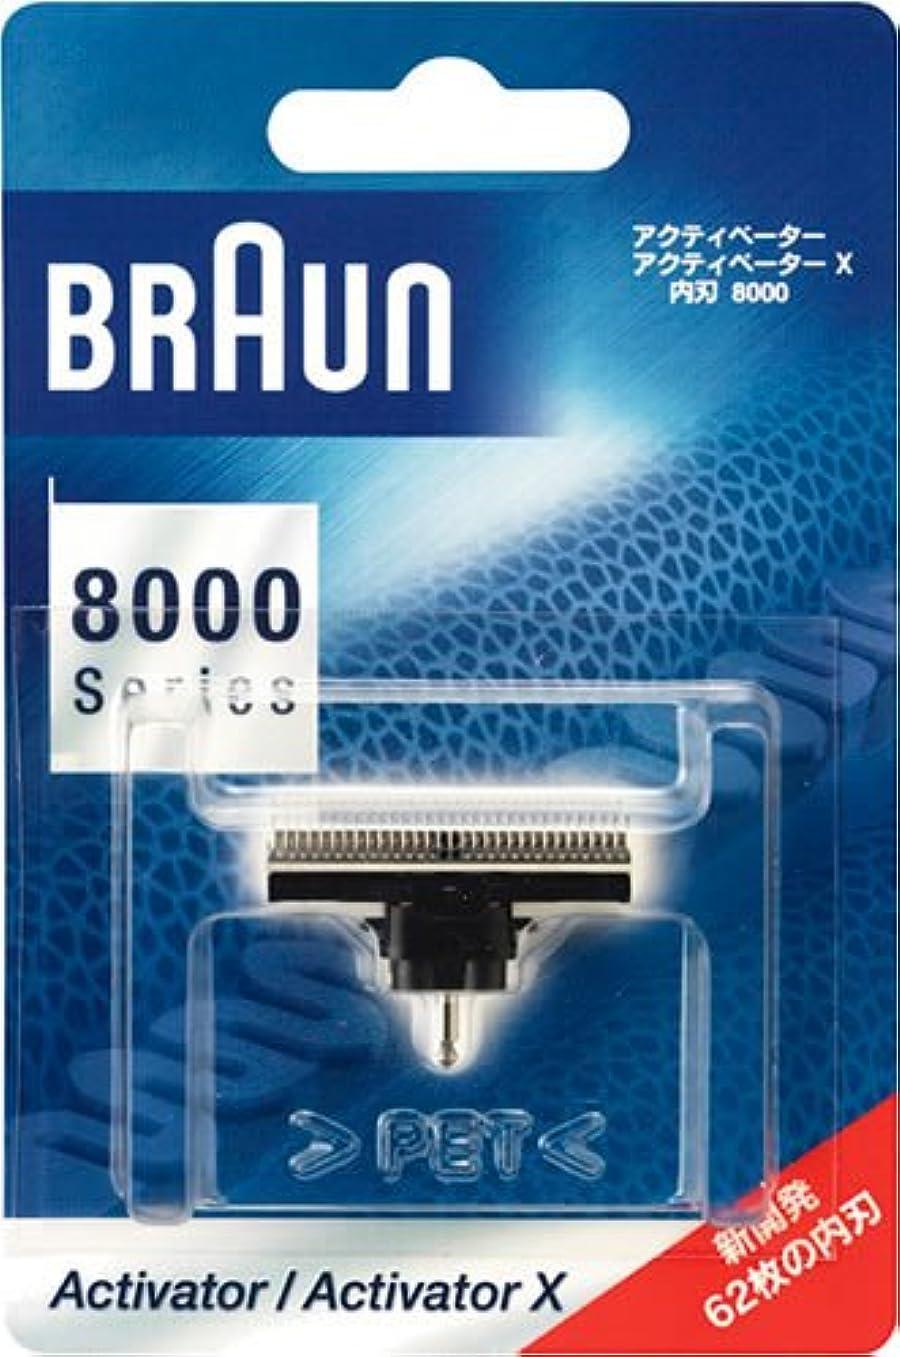 ブラウン シェーバー内刃 C8000